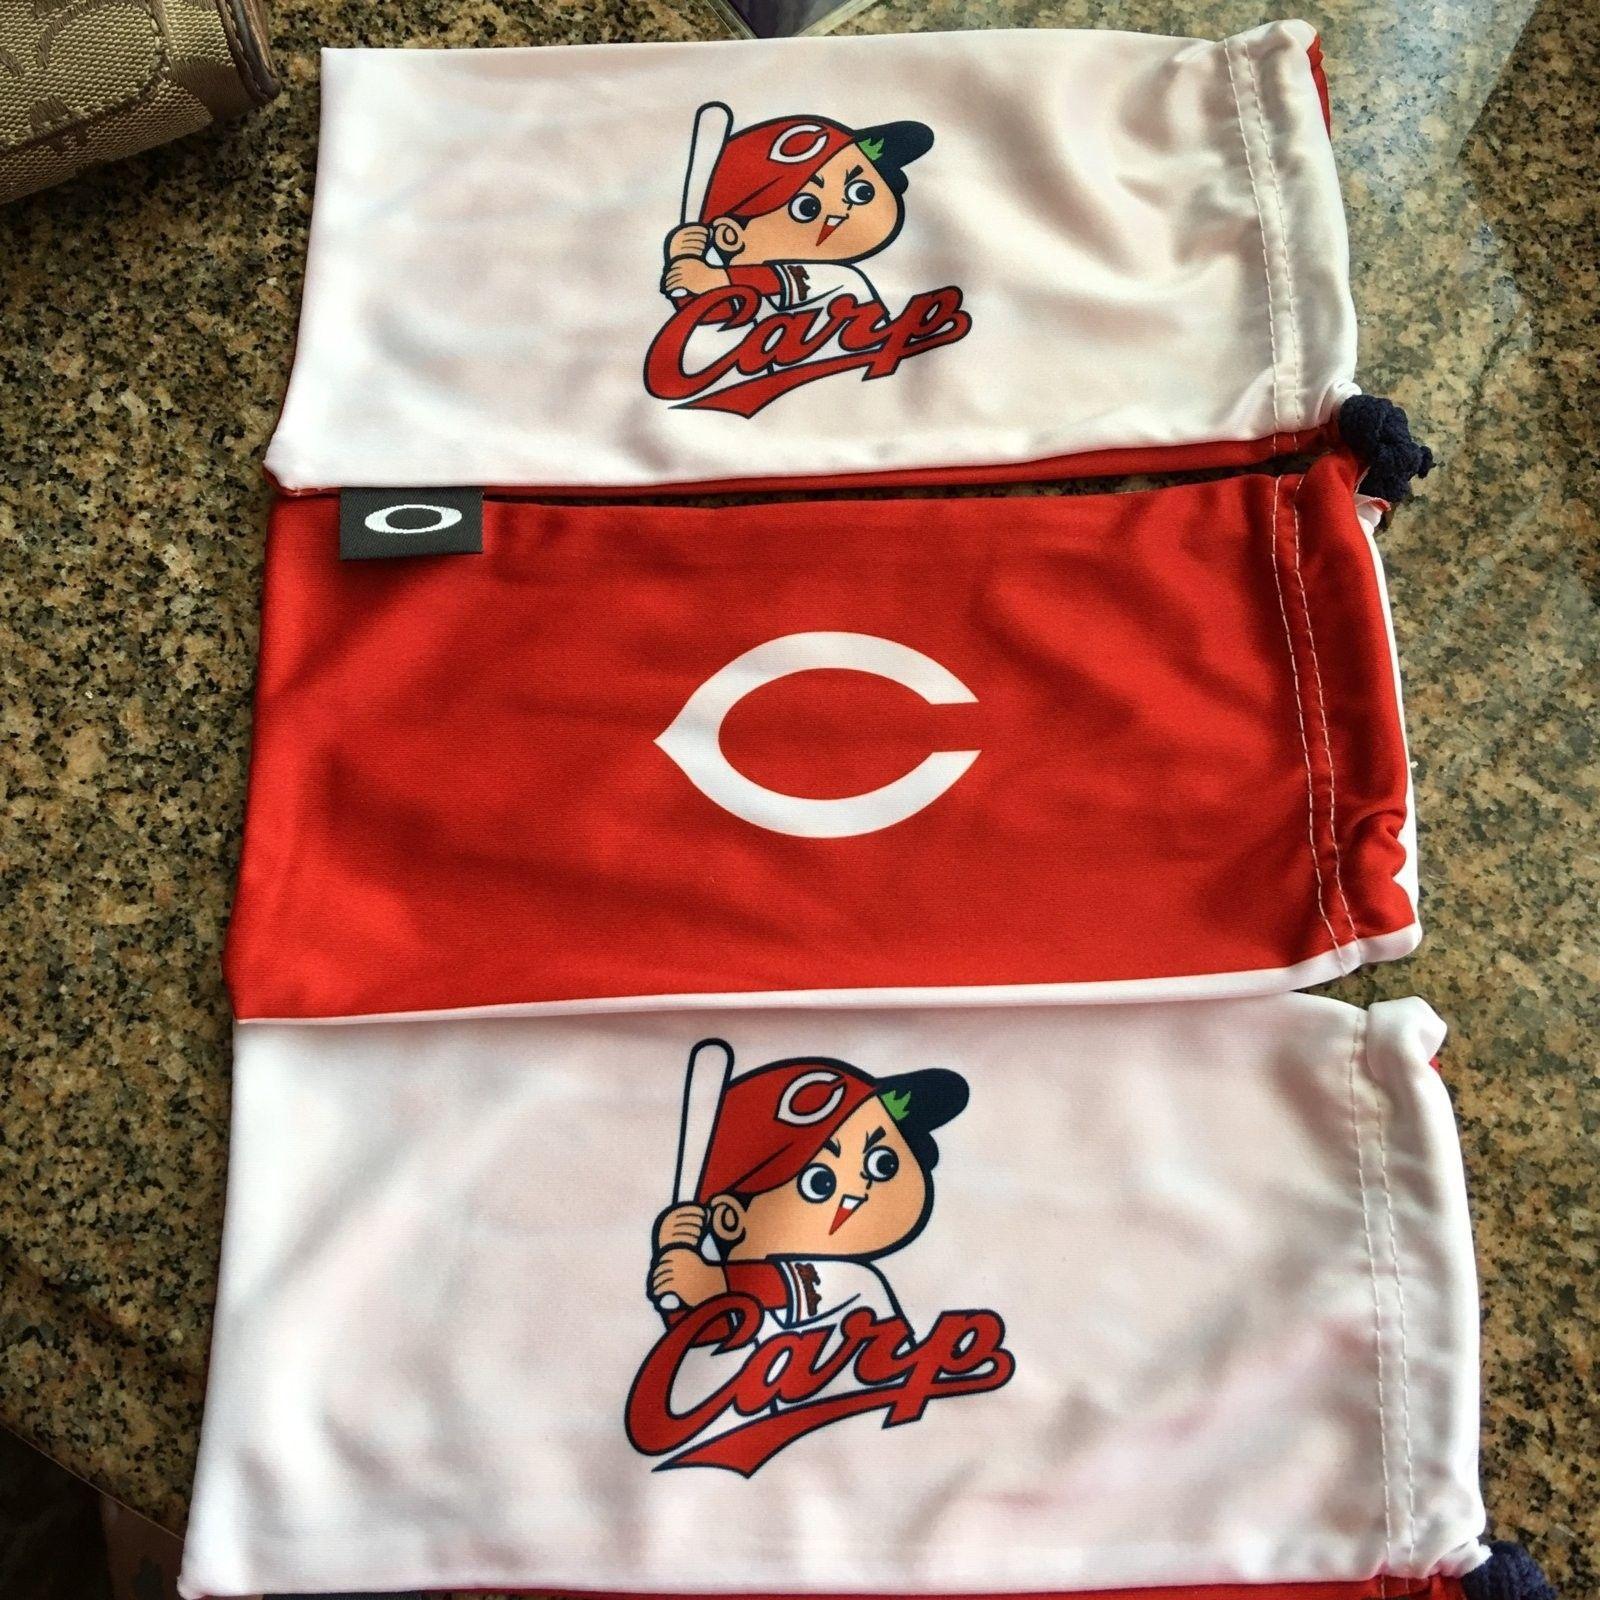 Oakley Baseball Japan Carp Microfiber Bag - image.jpeg